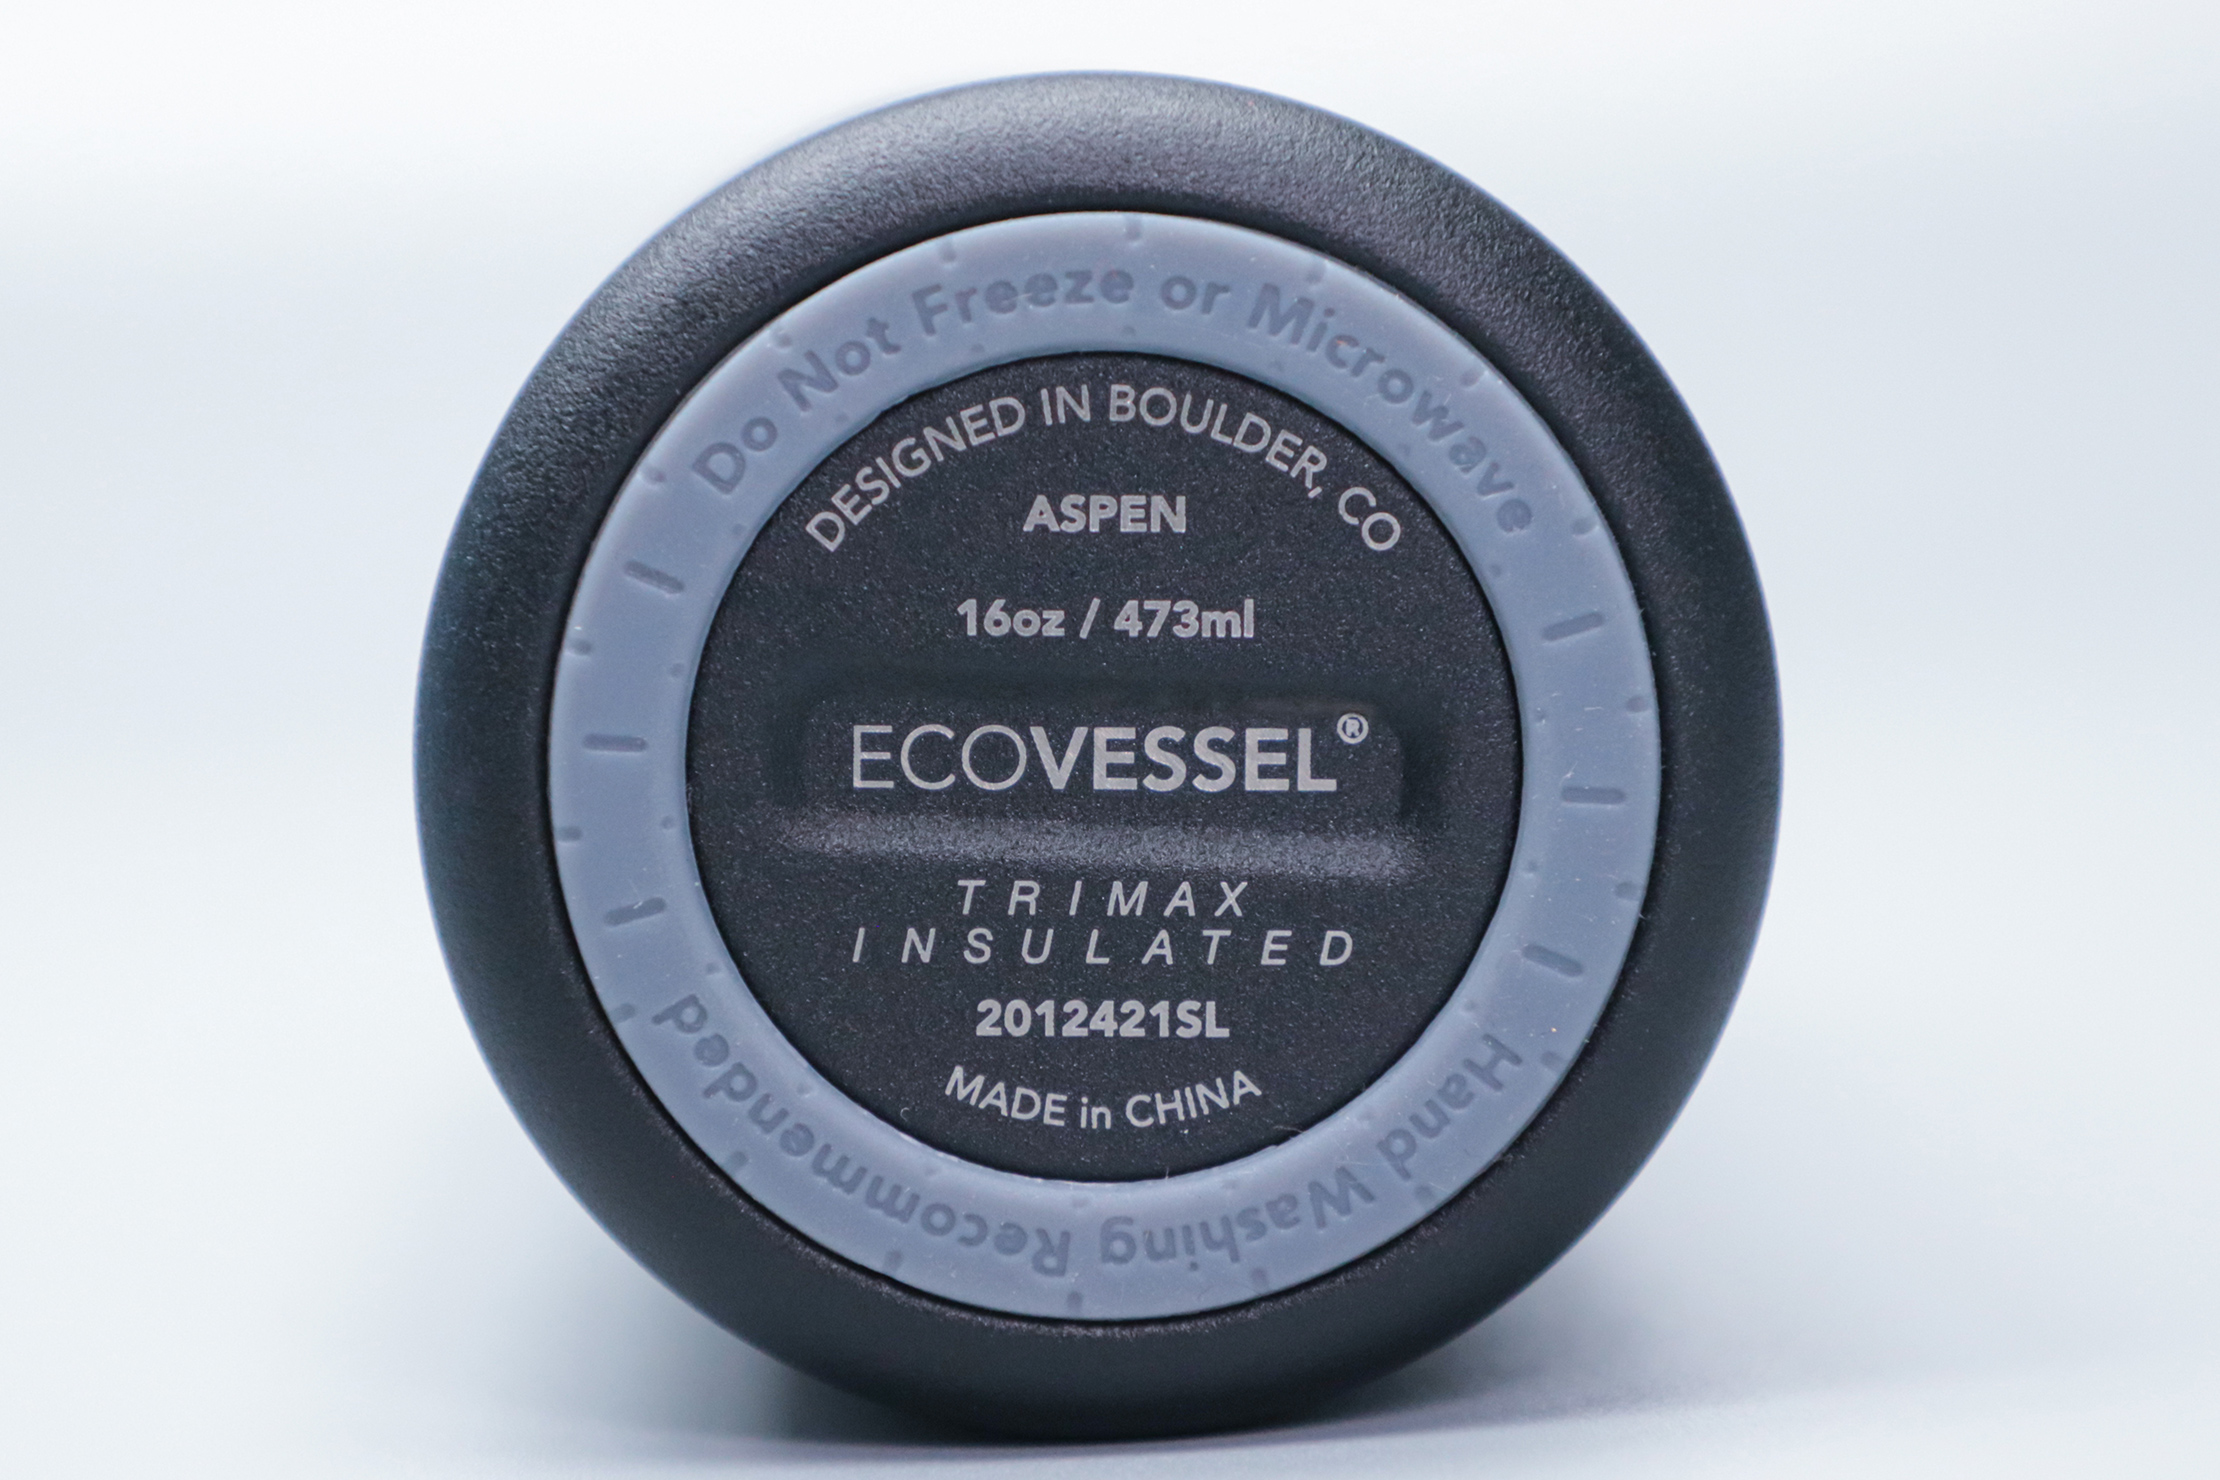 EcoVessel The ASPEN Bottom